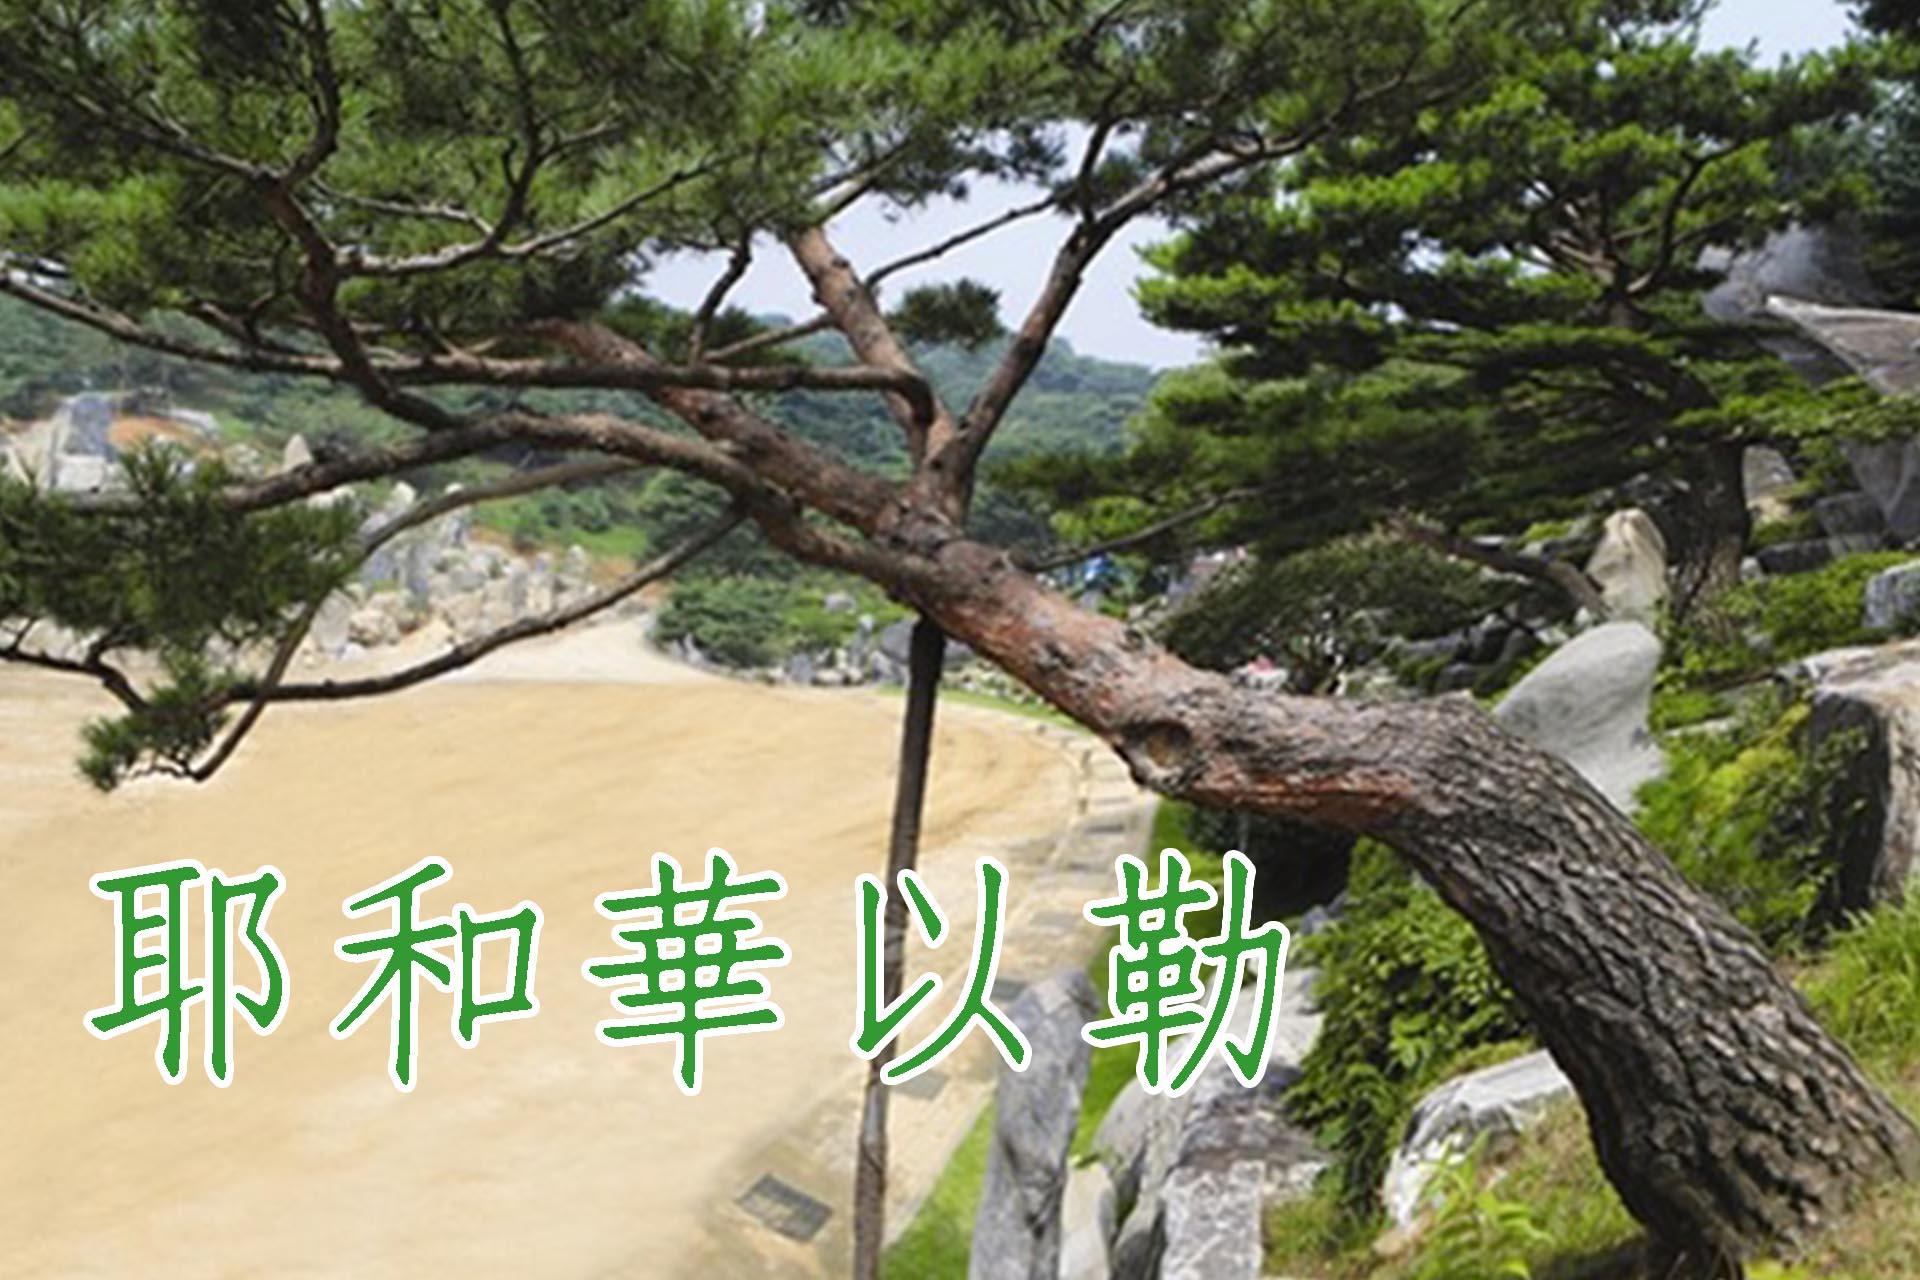 [松樹]耶和華以勒松:得勝患難之後的作品人生